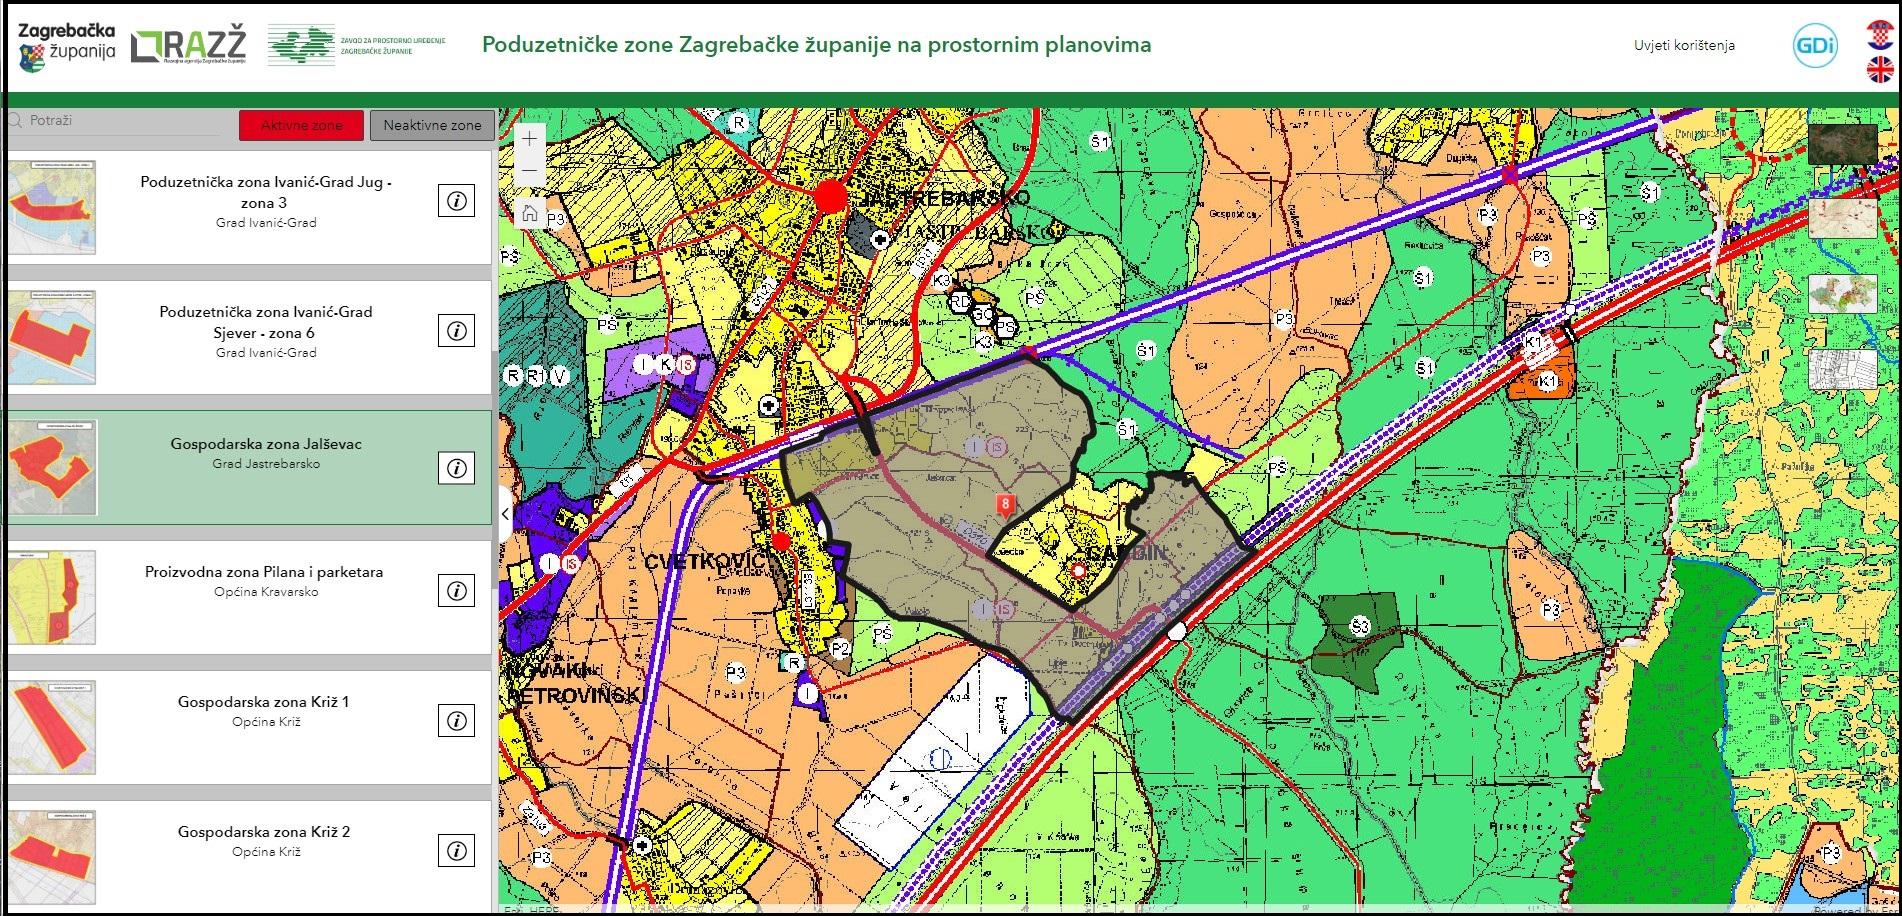 Usvojeno Izvješće o stanju u prostoru Zagrebačke županije za razdoblje 2016. – 2020. godine 4